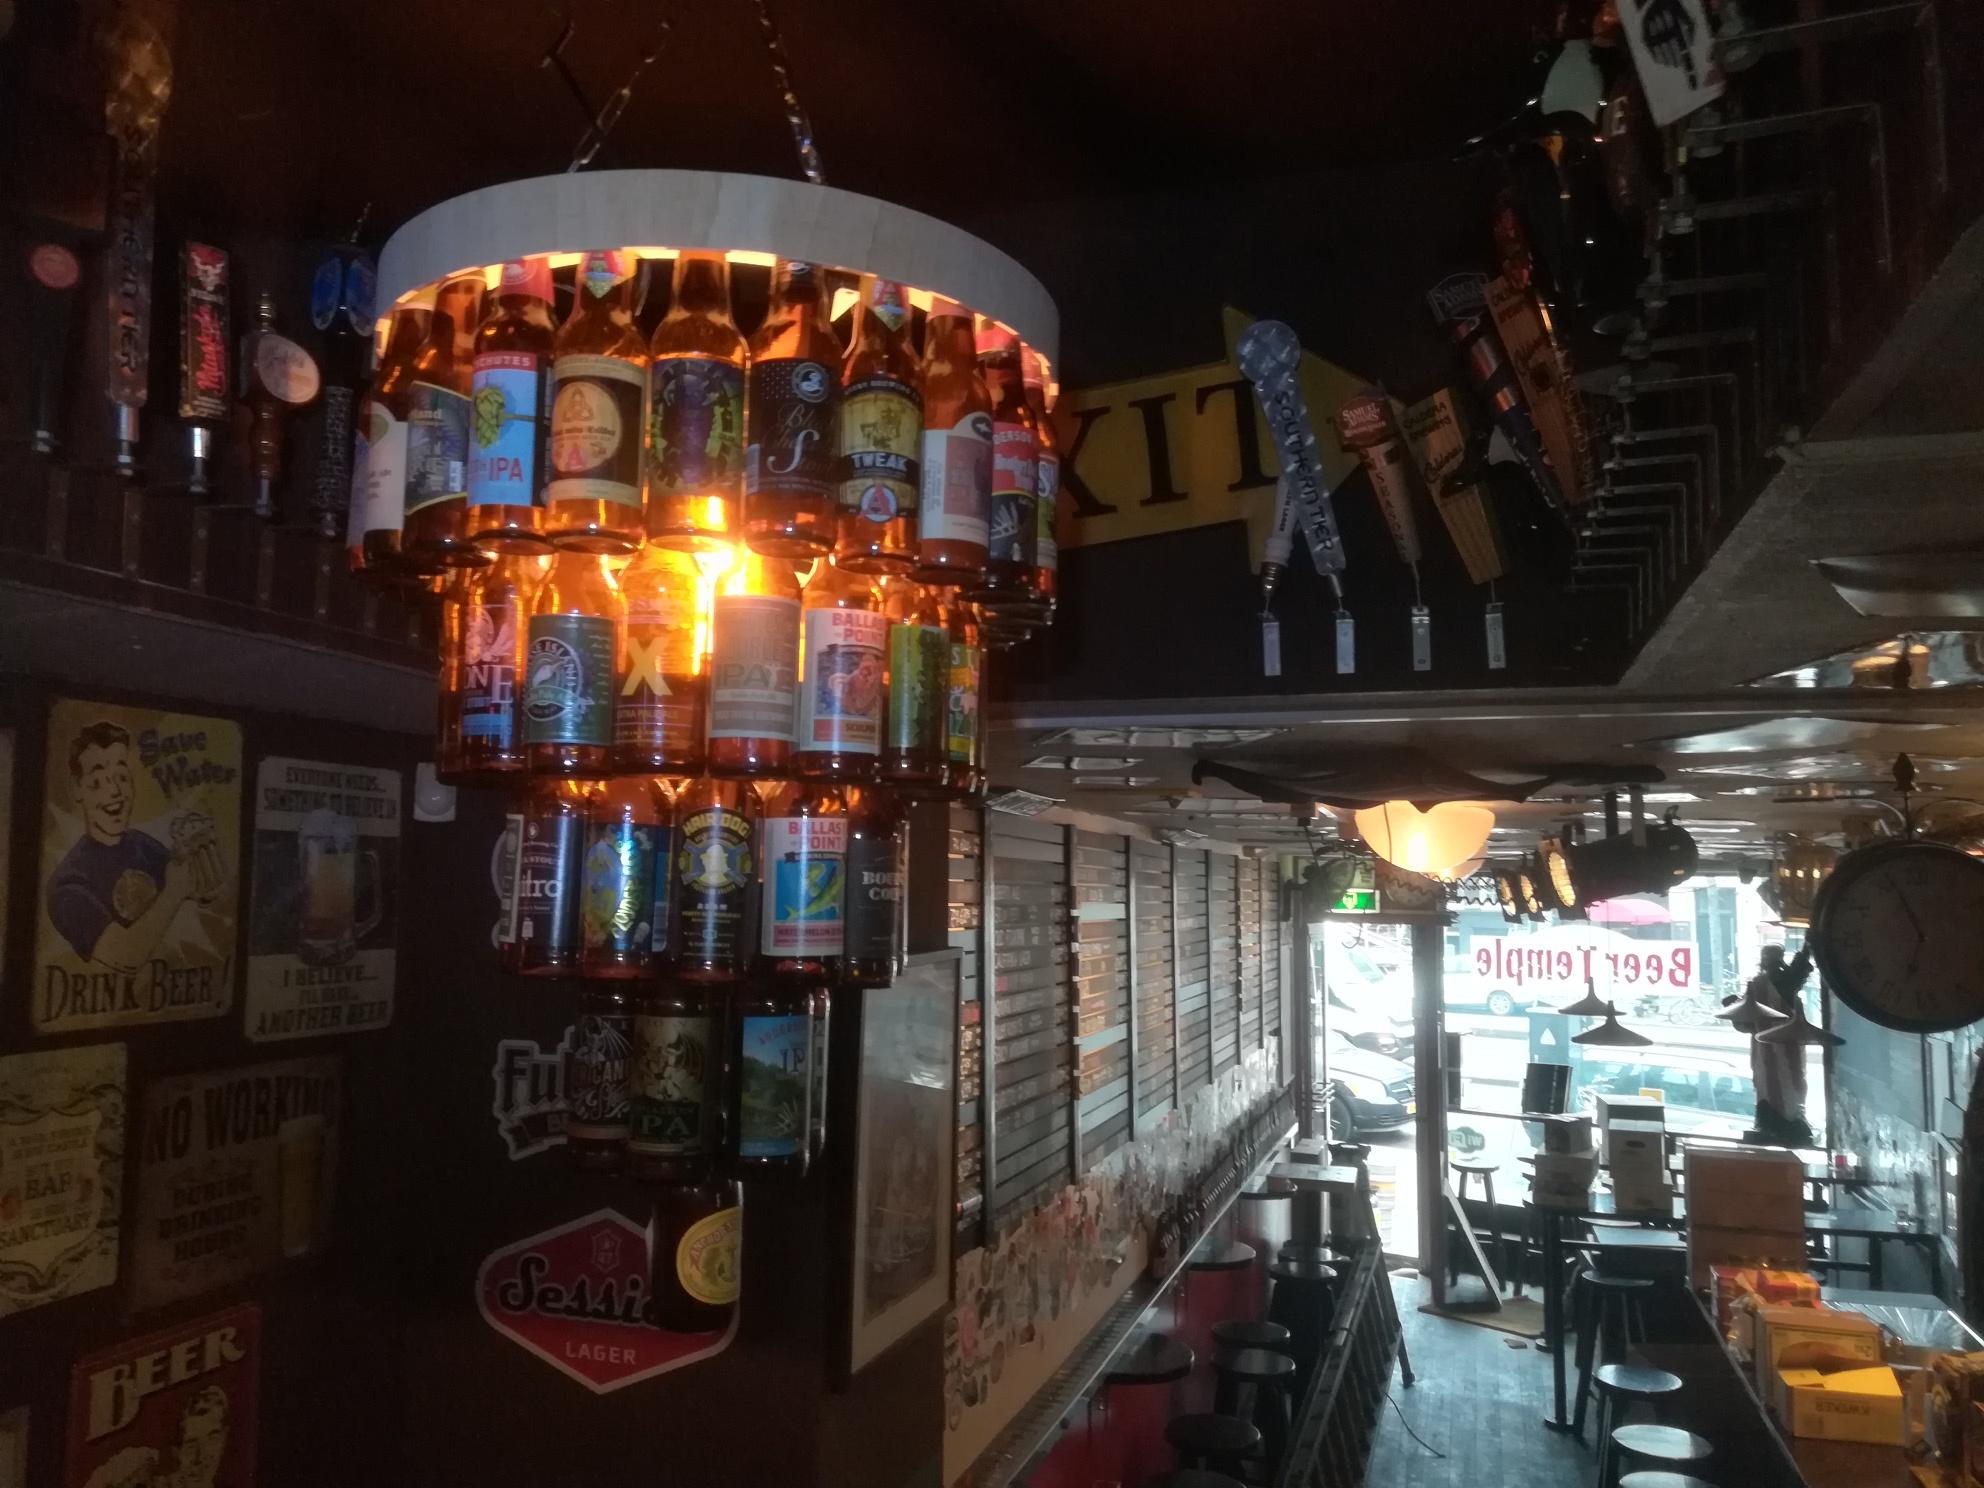 Beerlight